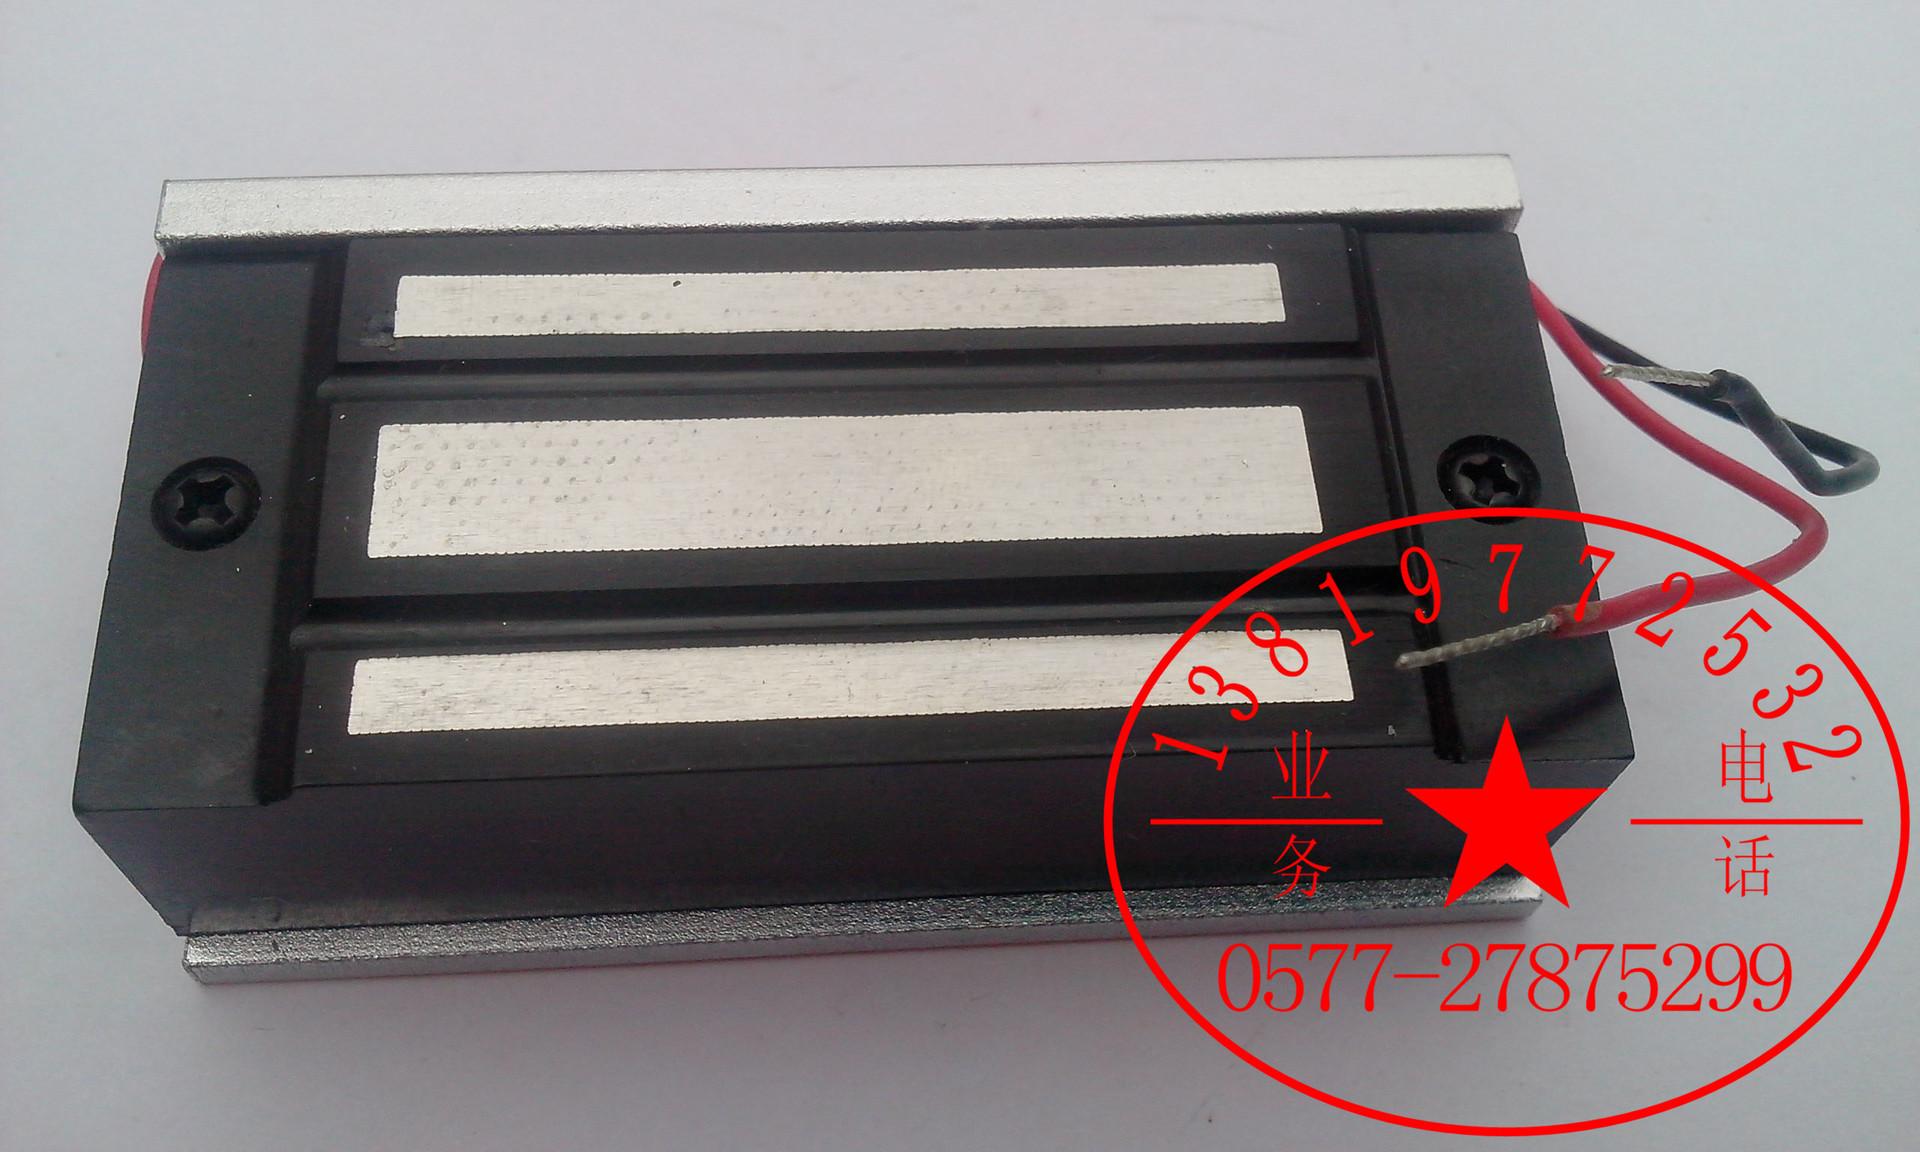 方形吸盘电磁铁80/35/21  吸力80公斤 12V/24VDC  条形吸盘电磁铁